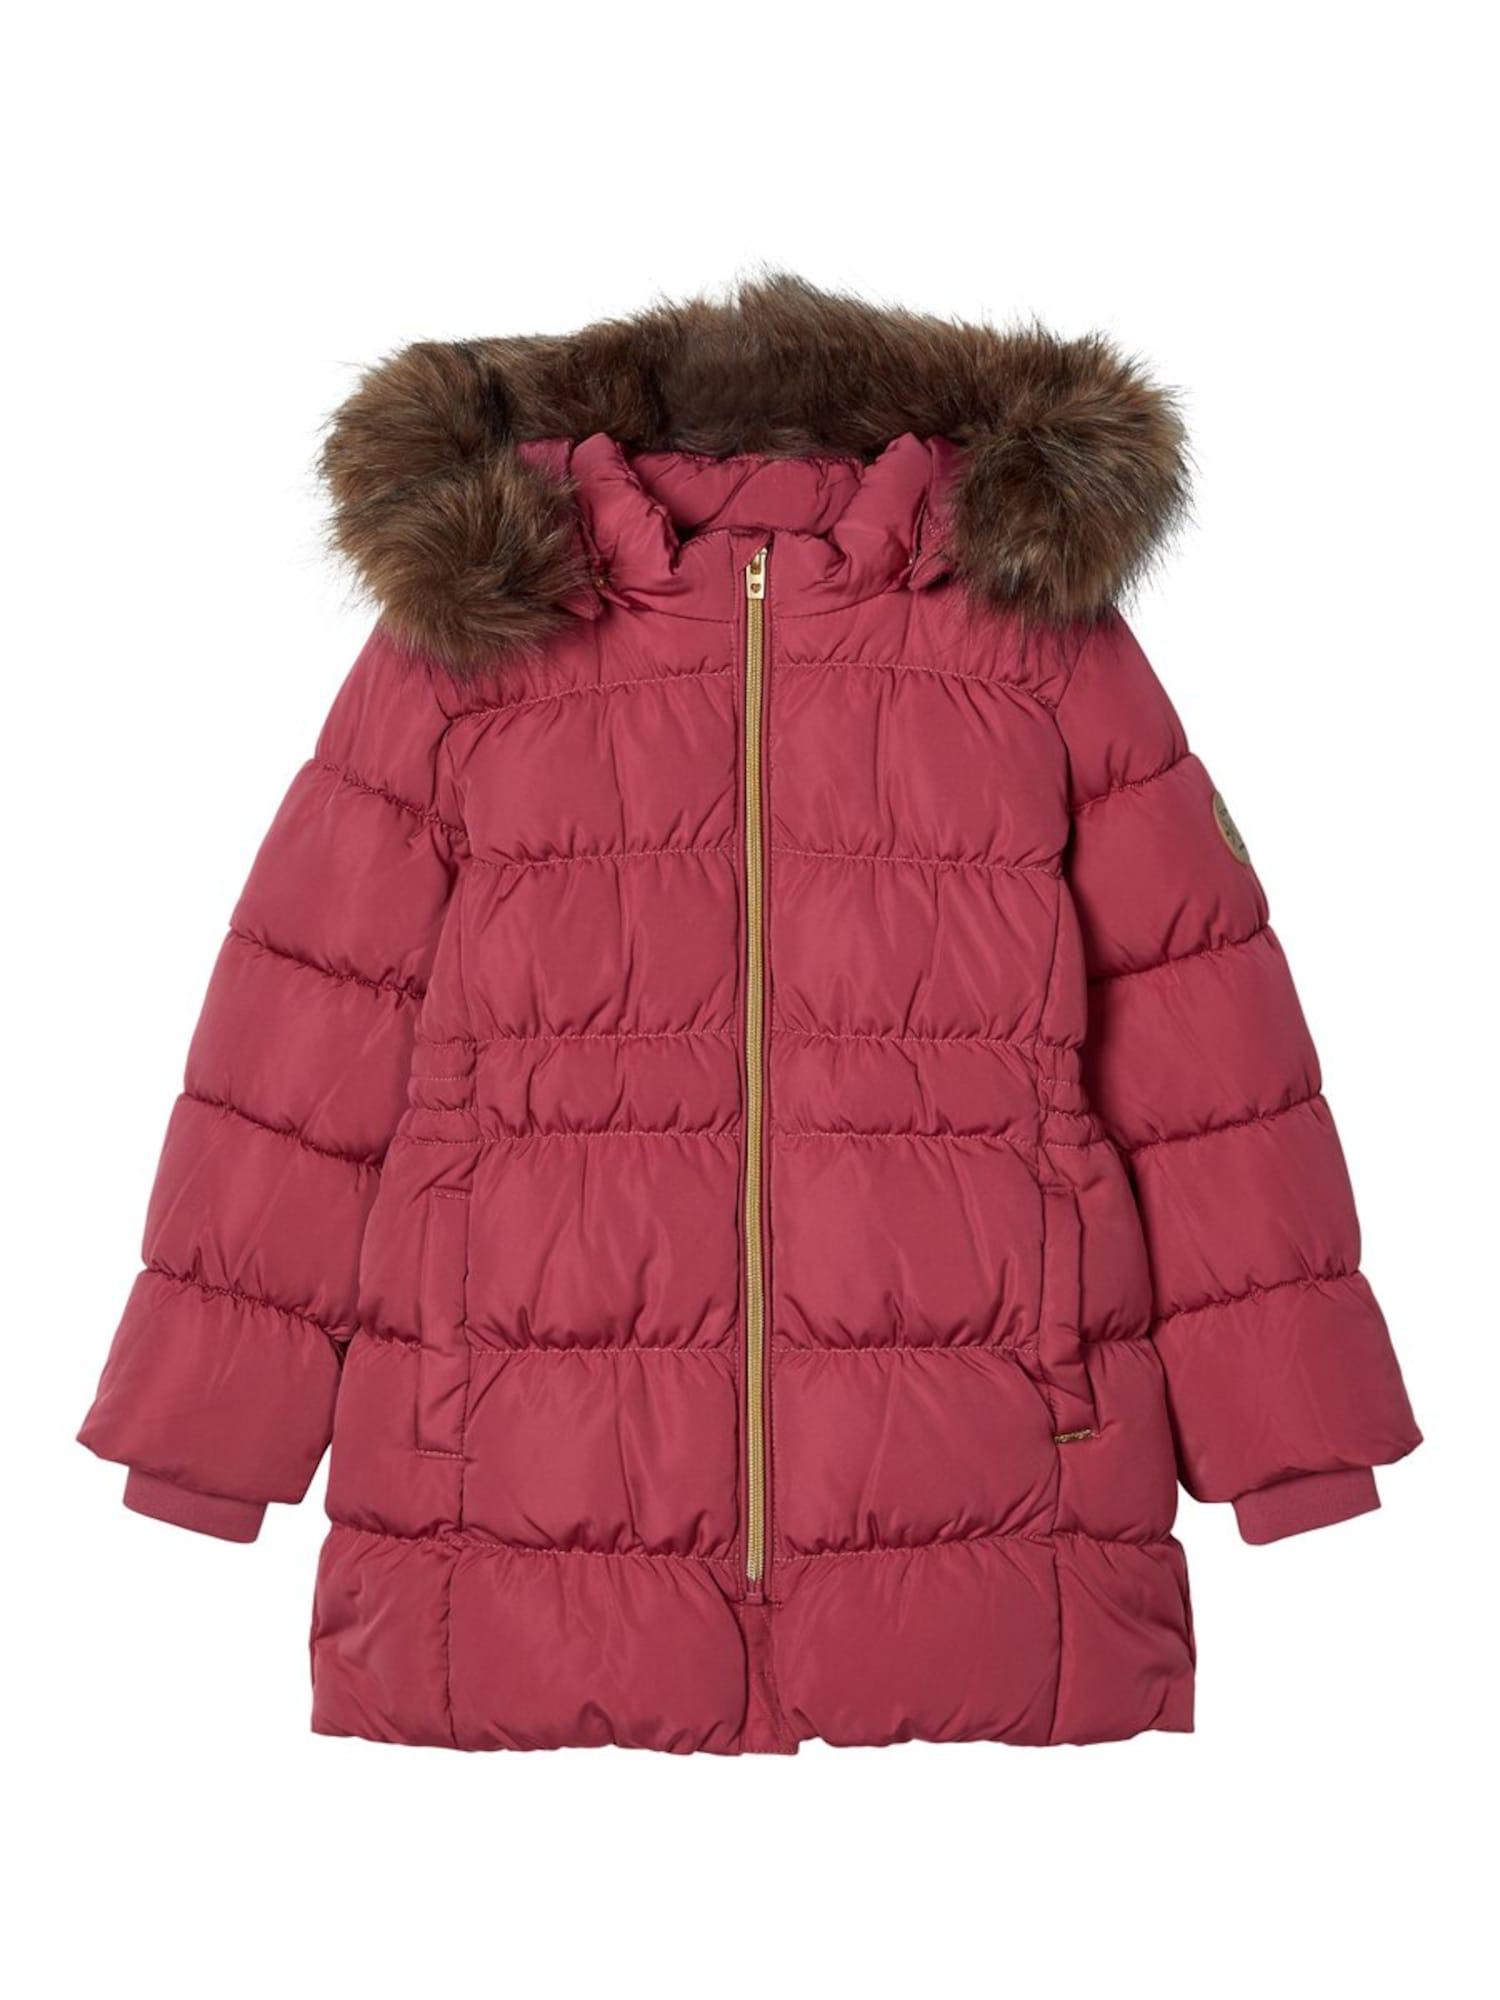 NAME IT Žieminė striukė 'Molly' tamsiai ruda / pastelinė raudona